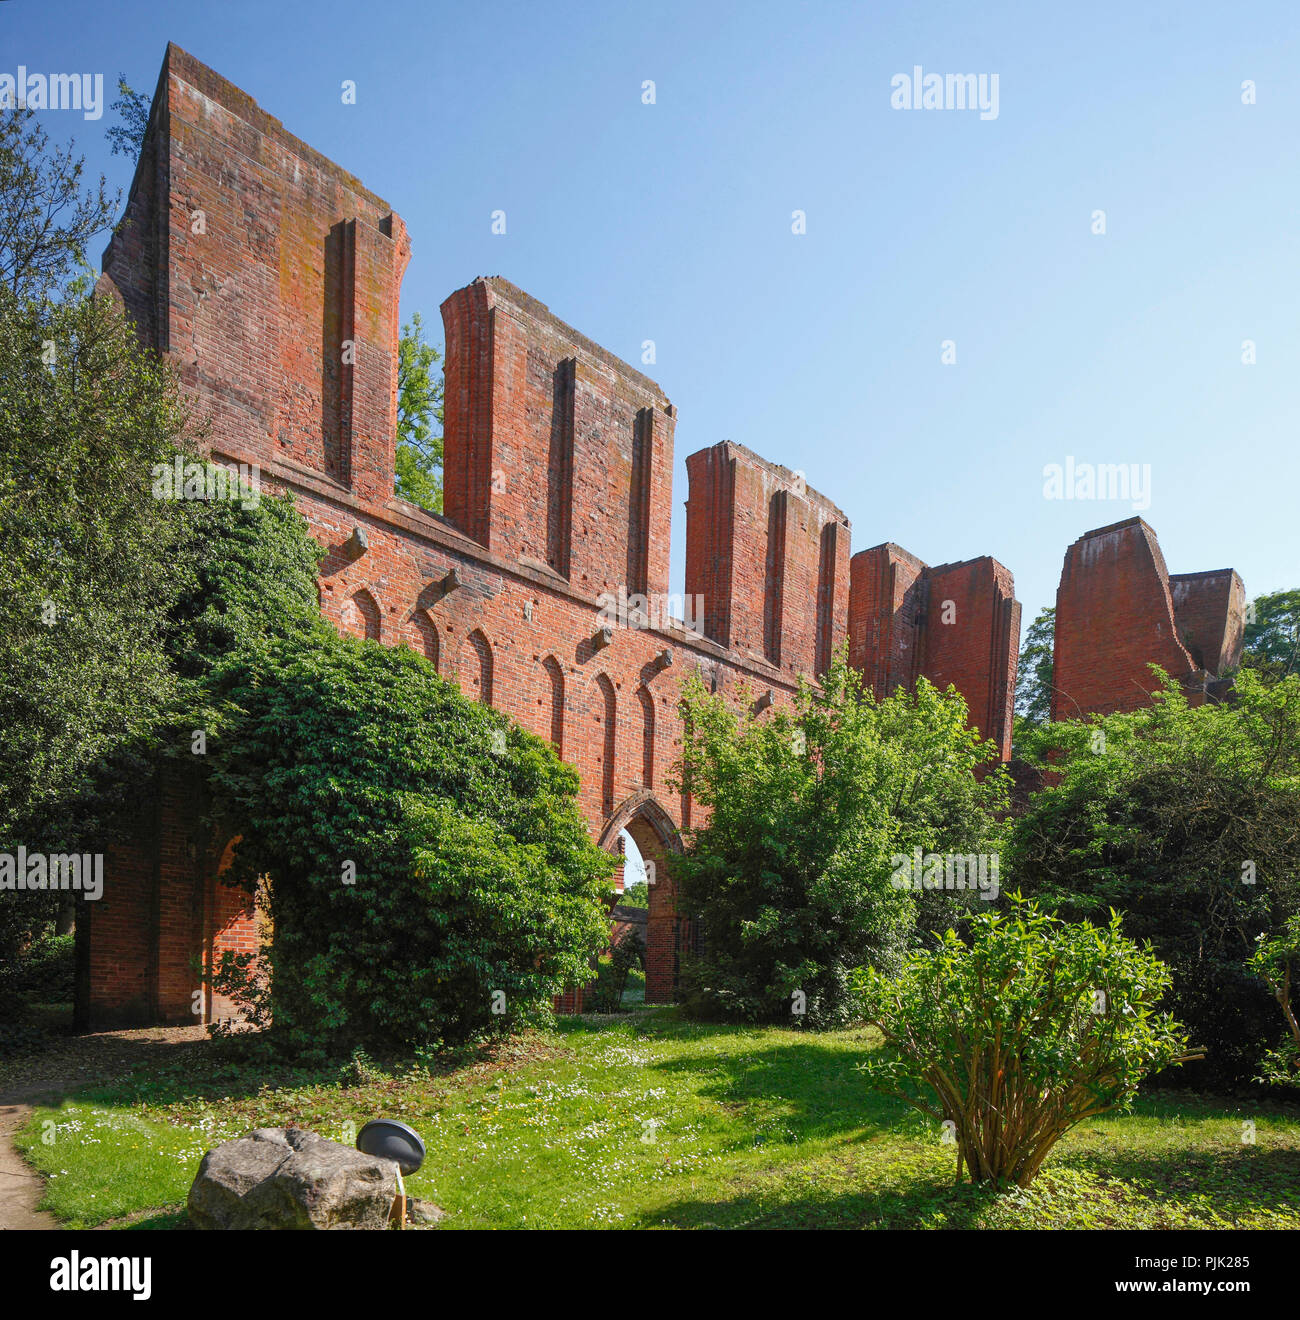 Ruin Hude monastery, monastery ruin, brick Gothic former Cistercian monastery, Hude, Lower Saxony, Germany, Europe - Stock Image